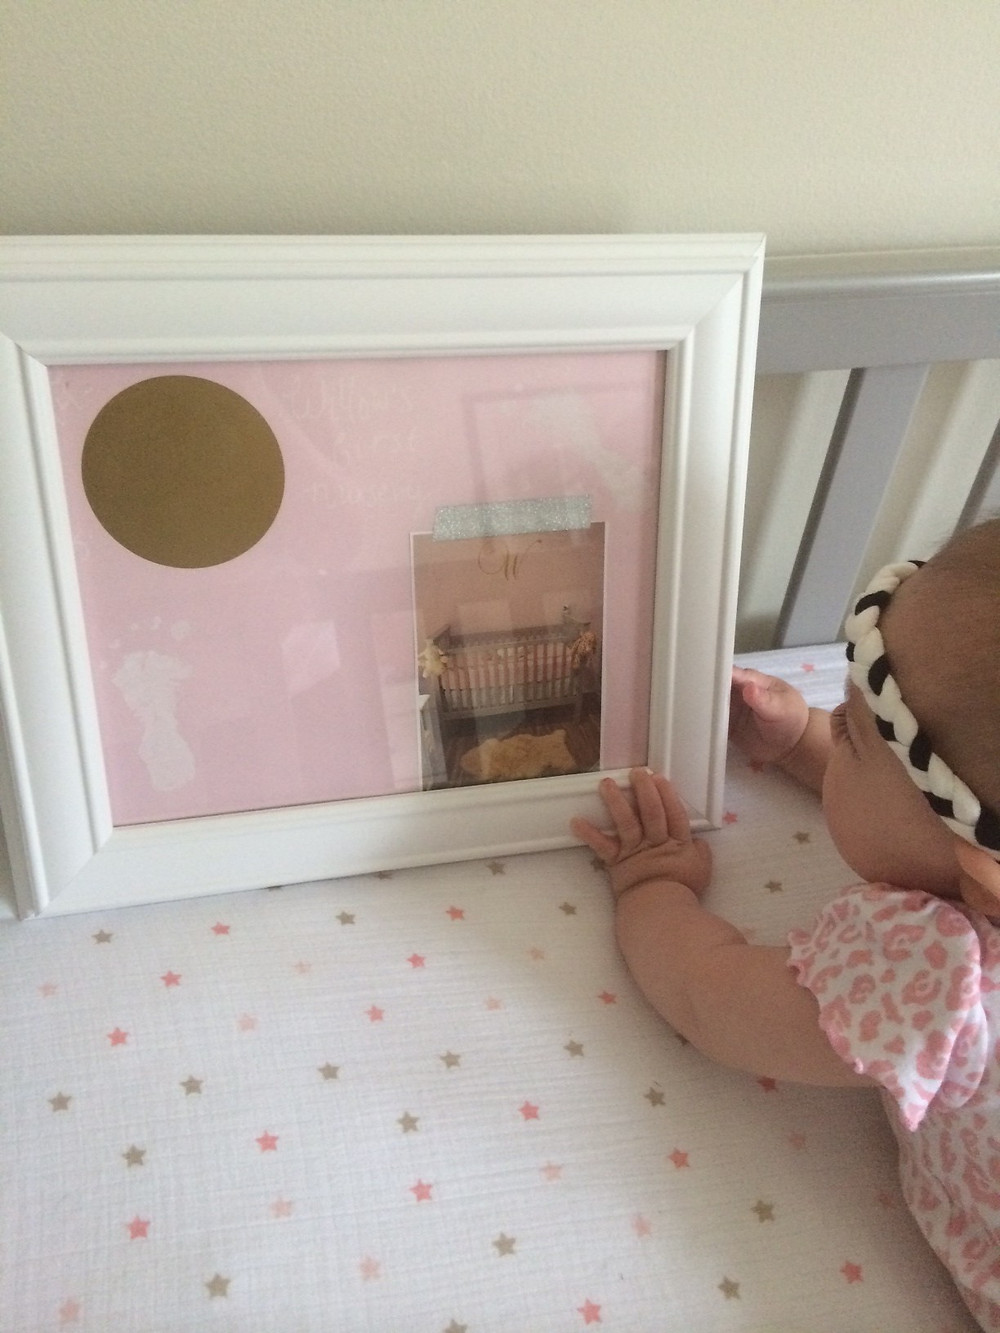 diy-foot-print-craft-for-babies-room-art-etsy-ideas-pinterst-moms